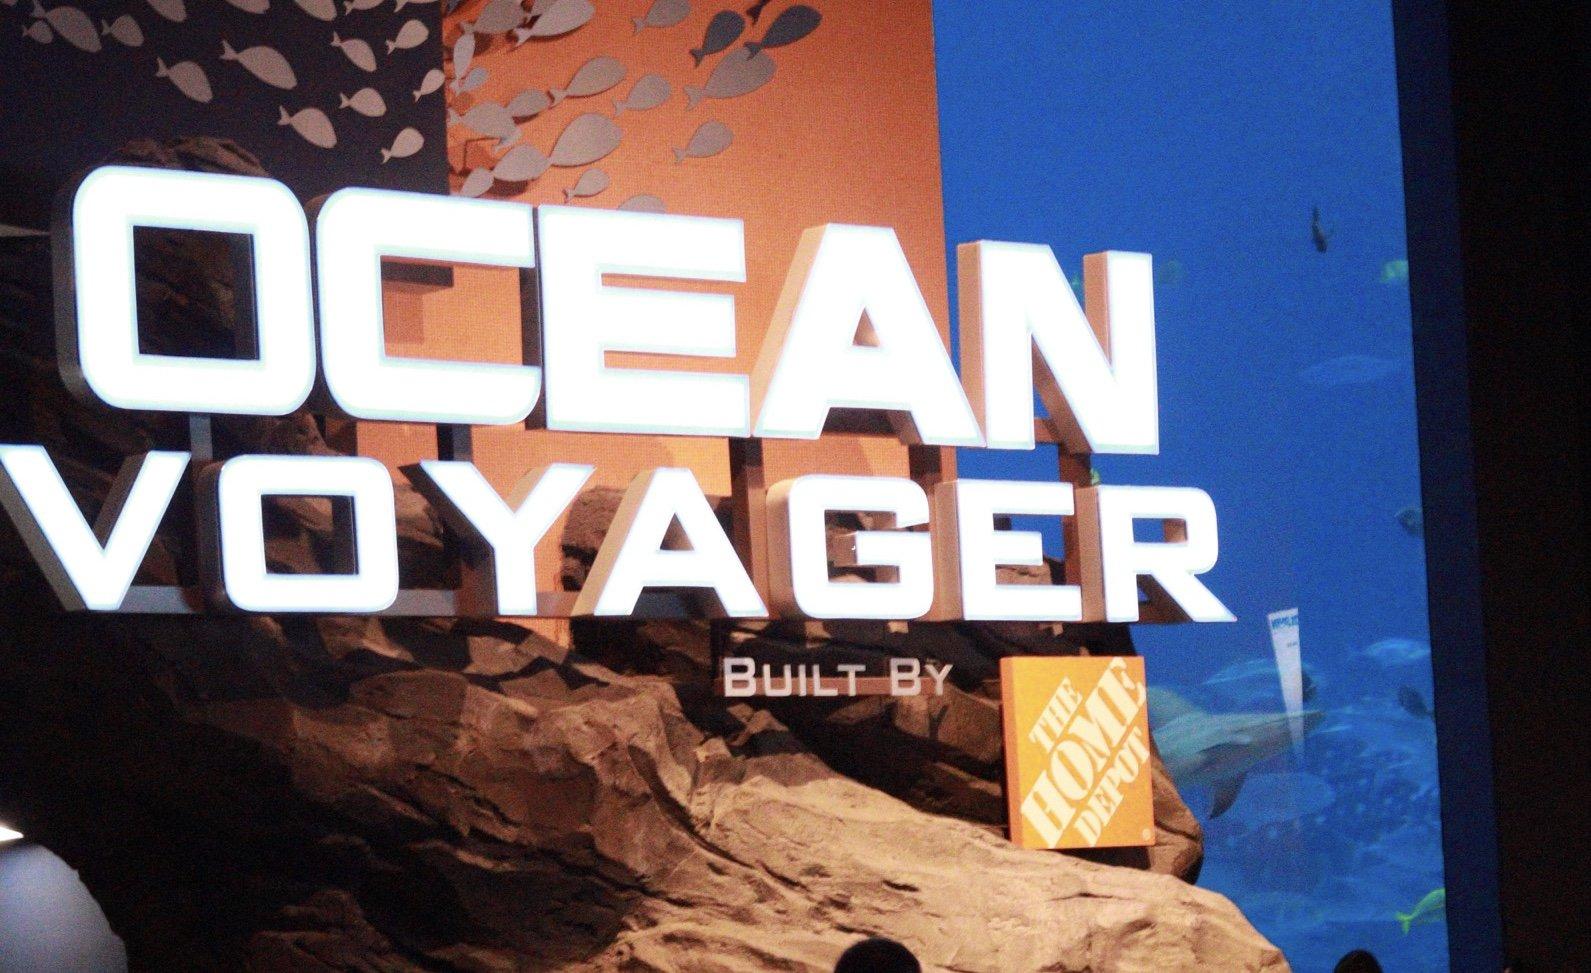 Ocean Voyager Georgia Aquarium